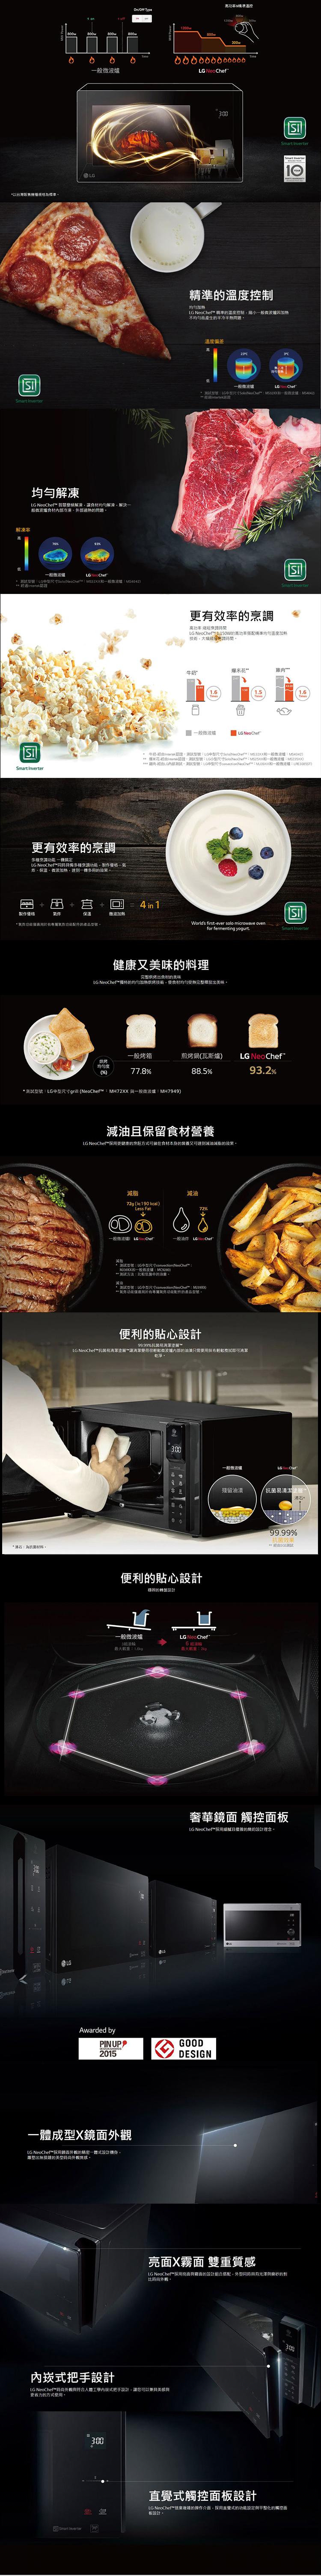 【好禮贈 Bodum隨行杯】LG樂金 42L NeoChef™智慧變頻蒸烤微波爐 MH8295CDS